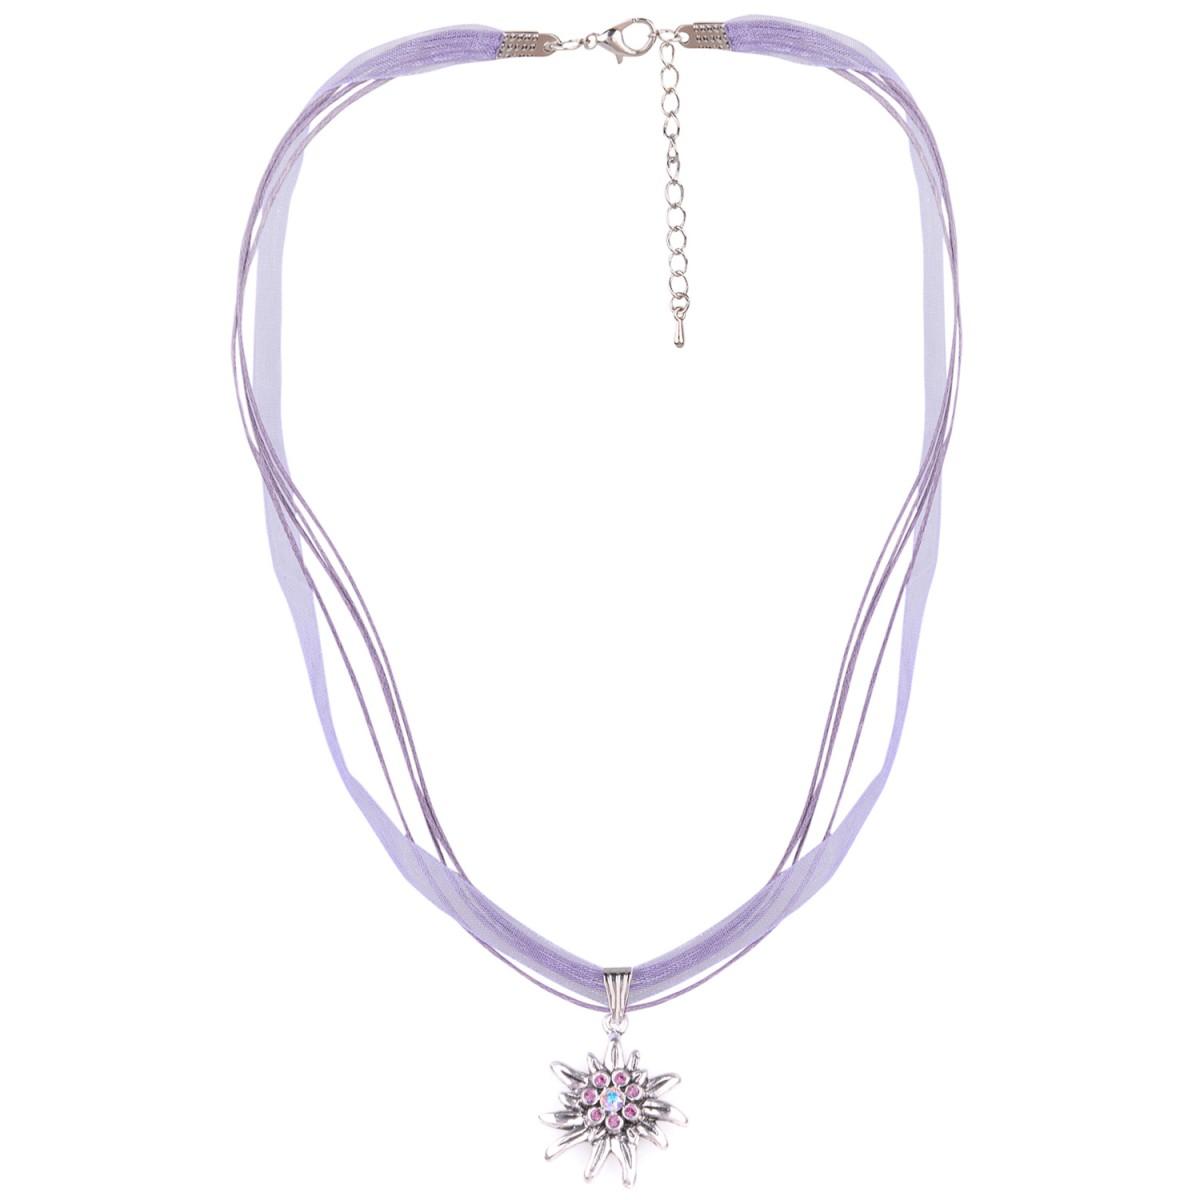 Halskette mit 4 Bändern mit Edelweiß in Lila von Schlick Accessoires günstig online kaufen